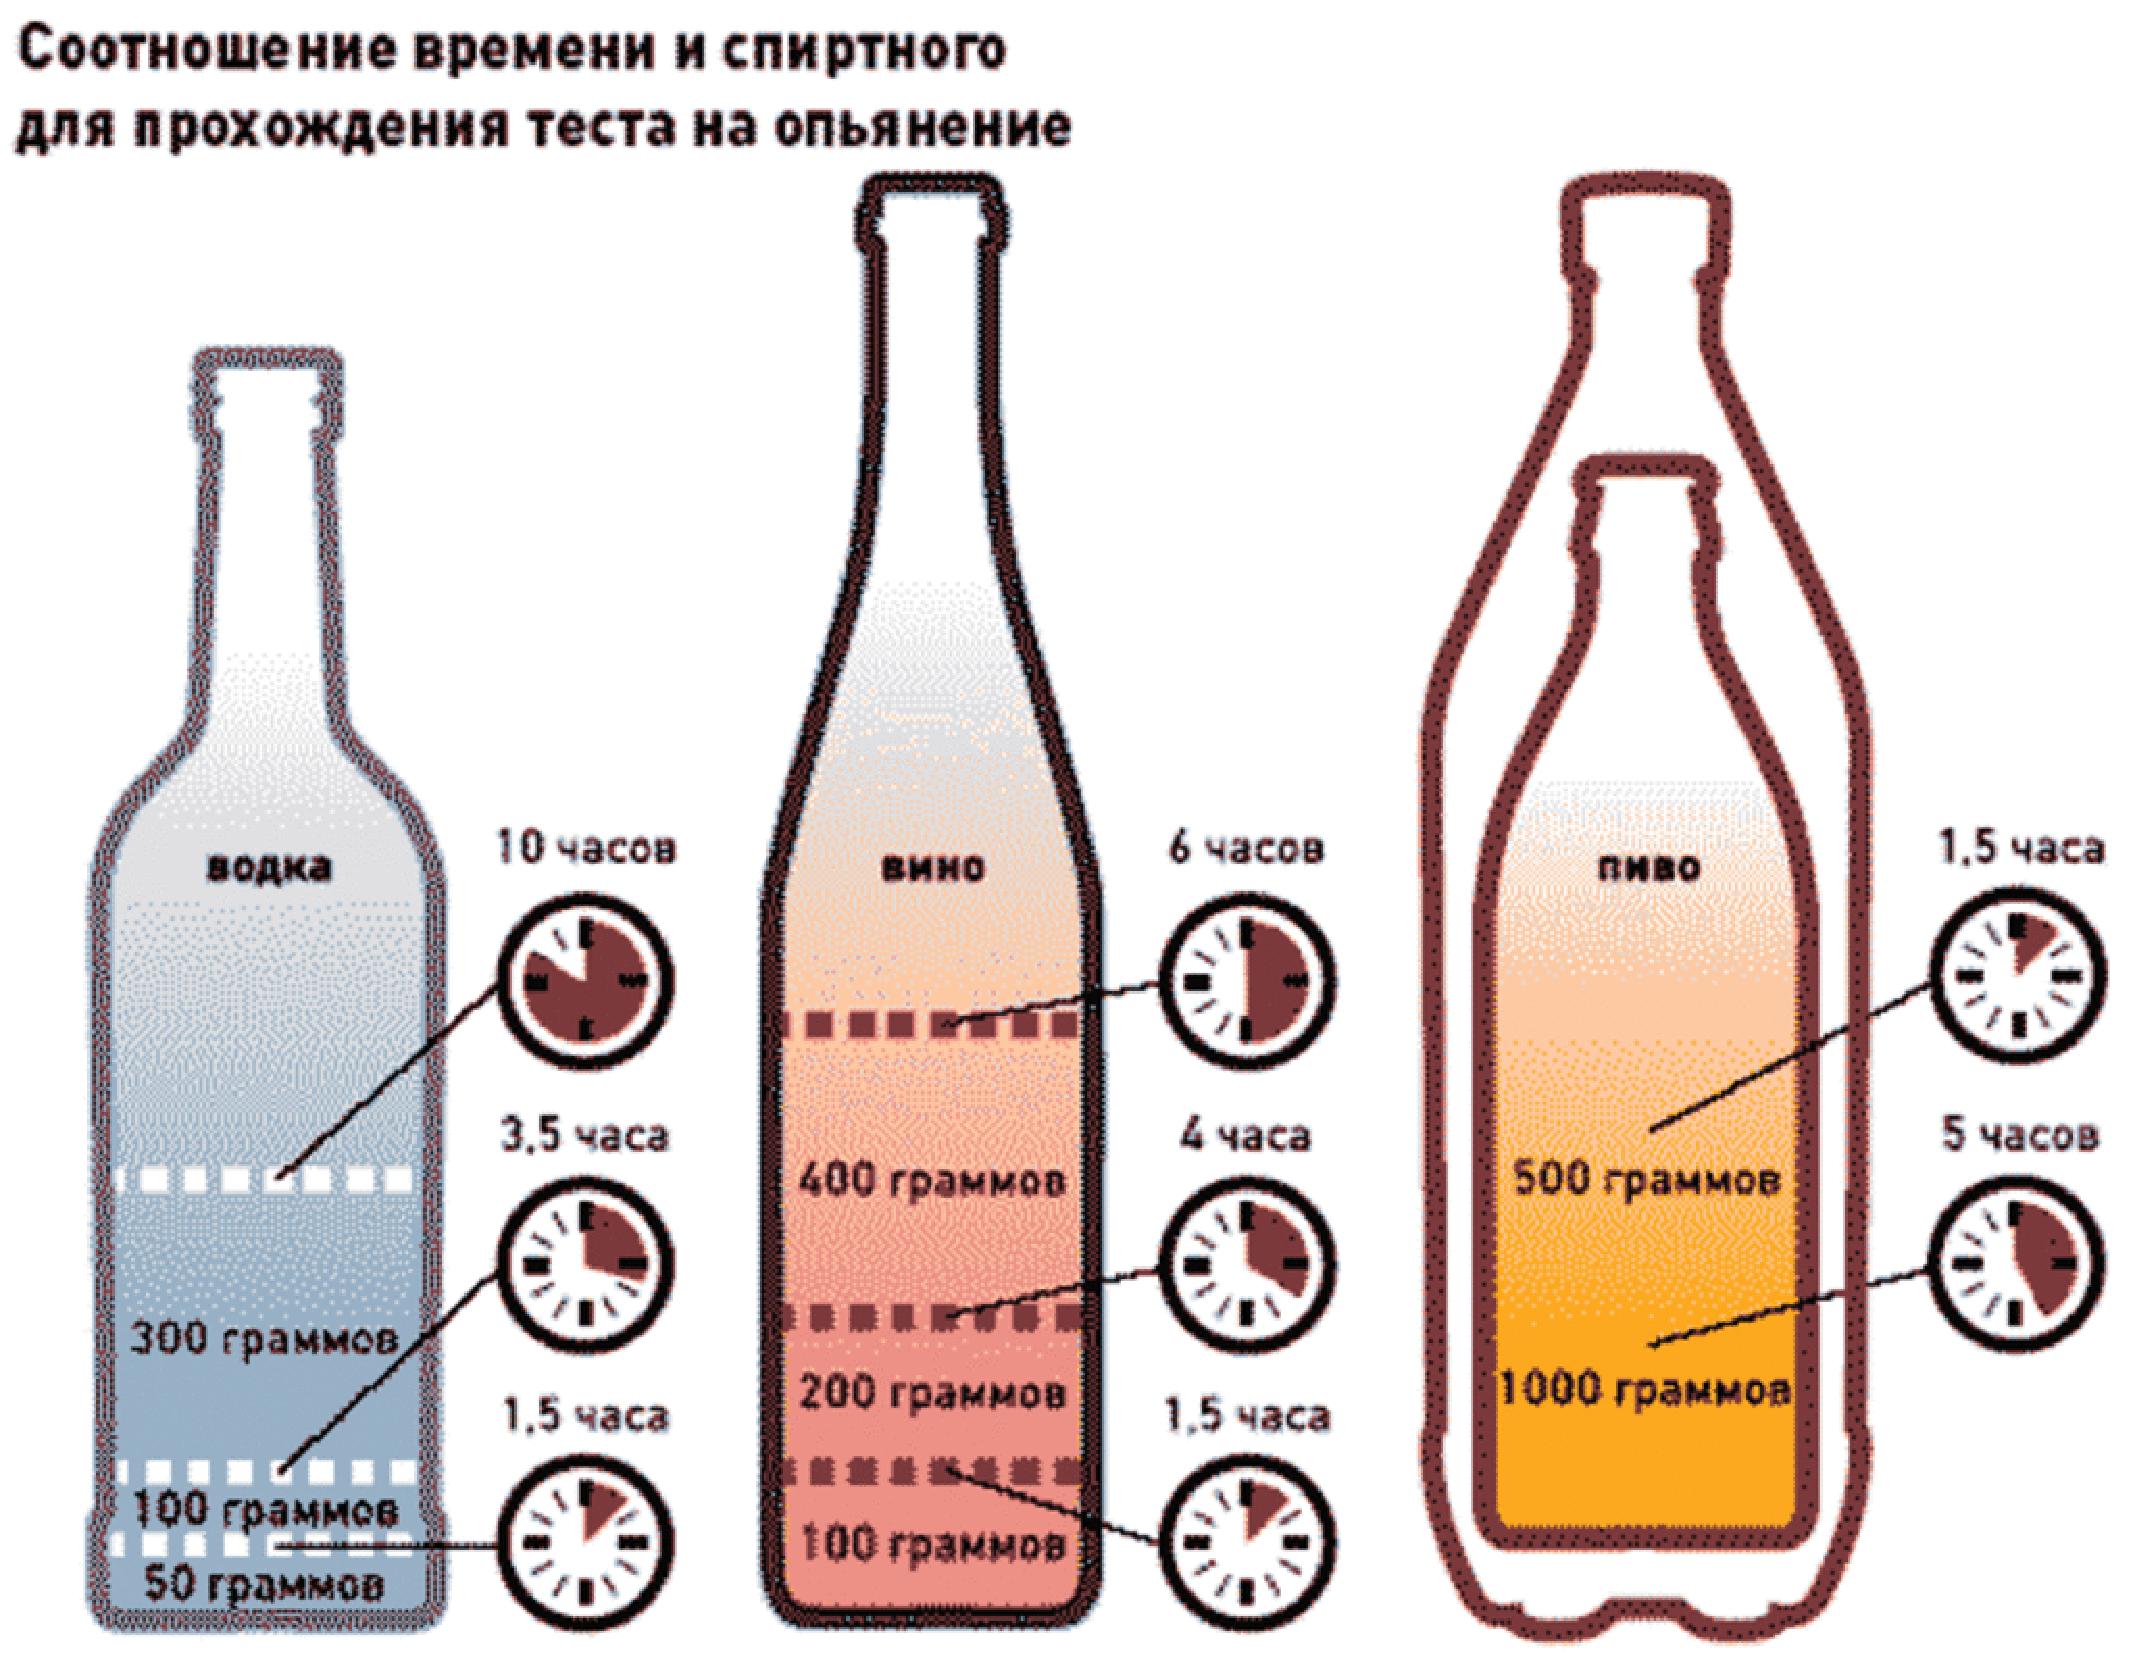 Сколько держится перегар после выпитого алкоголя?